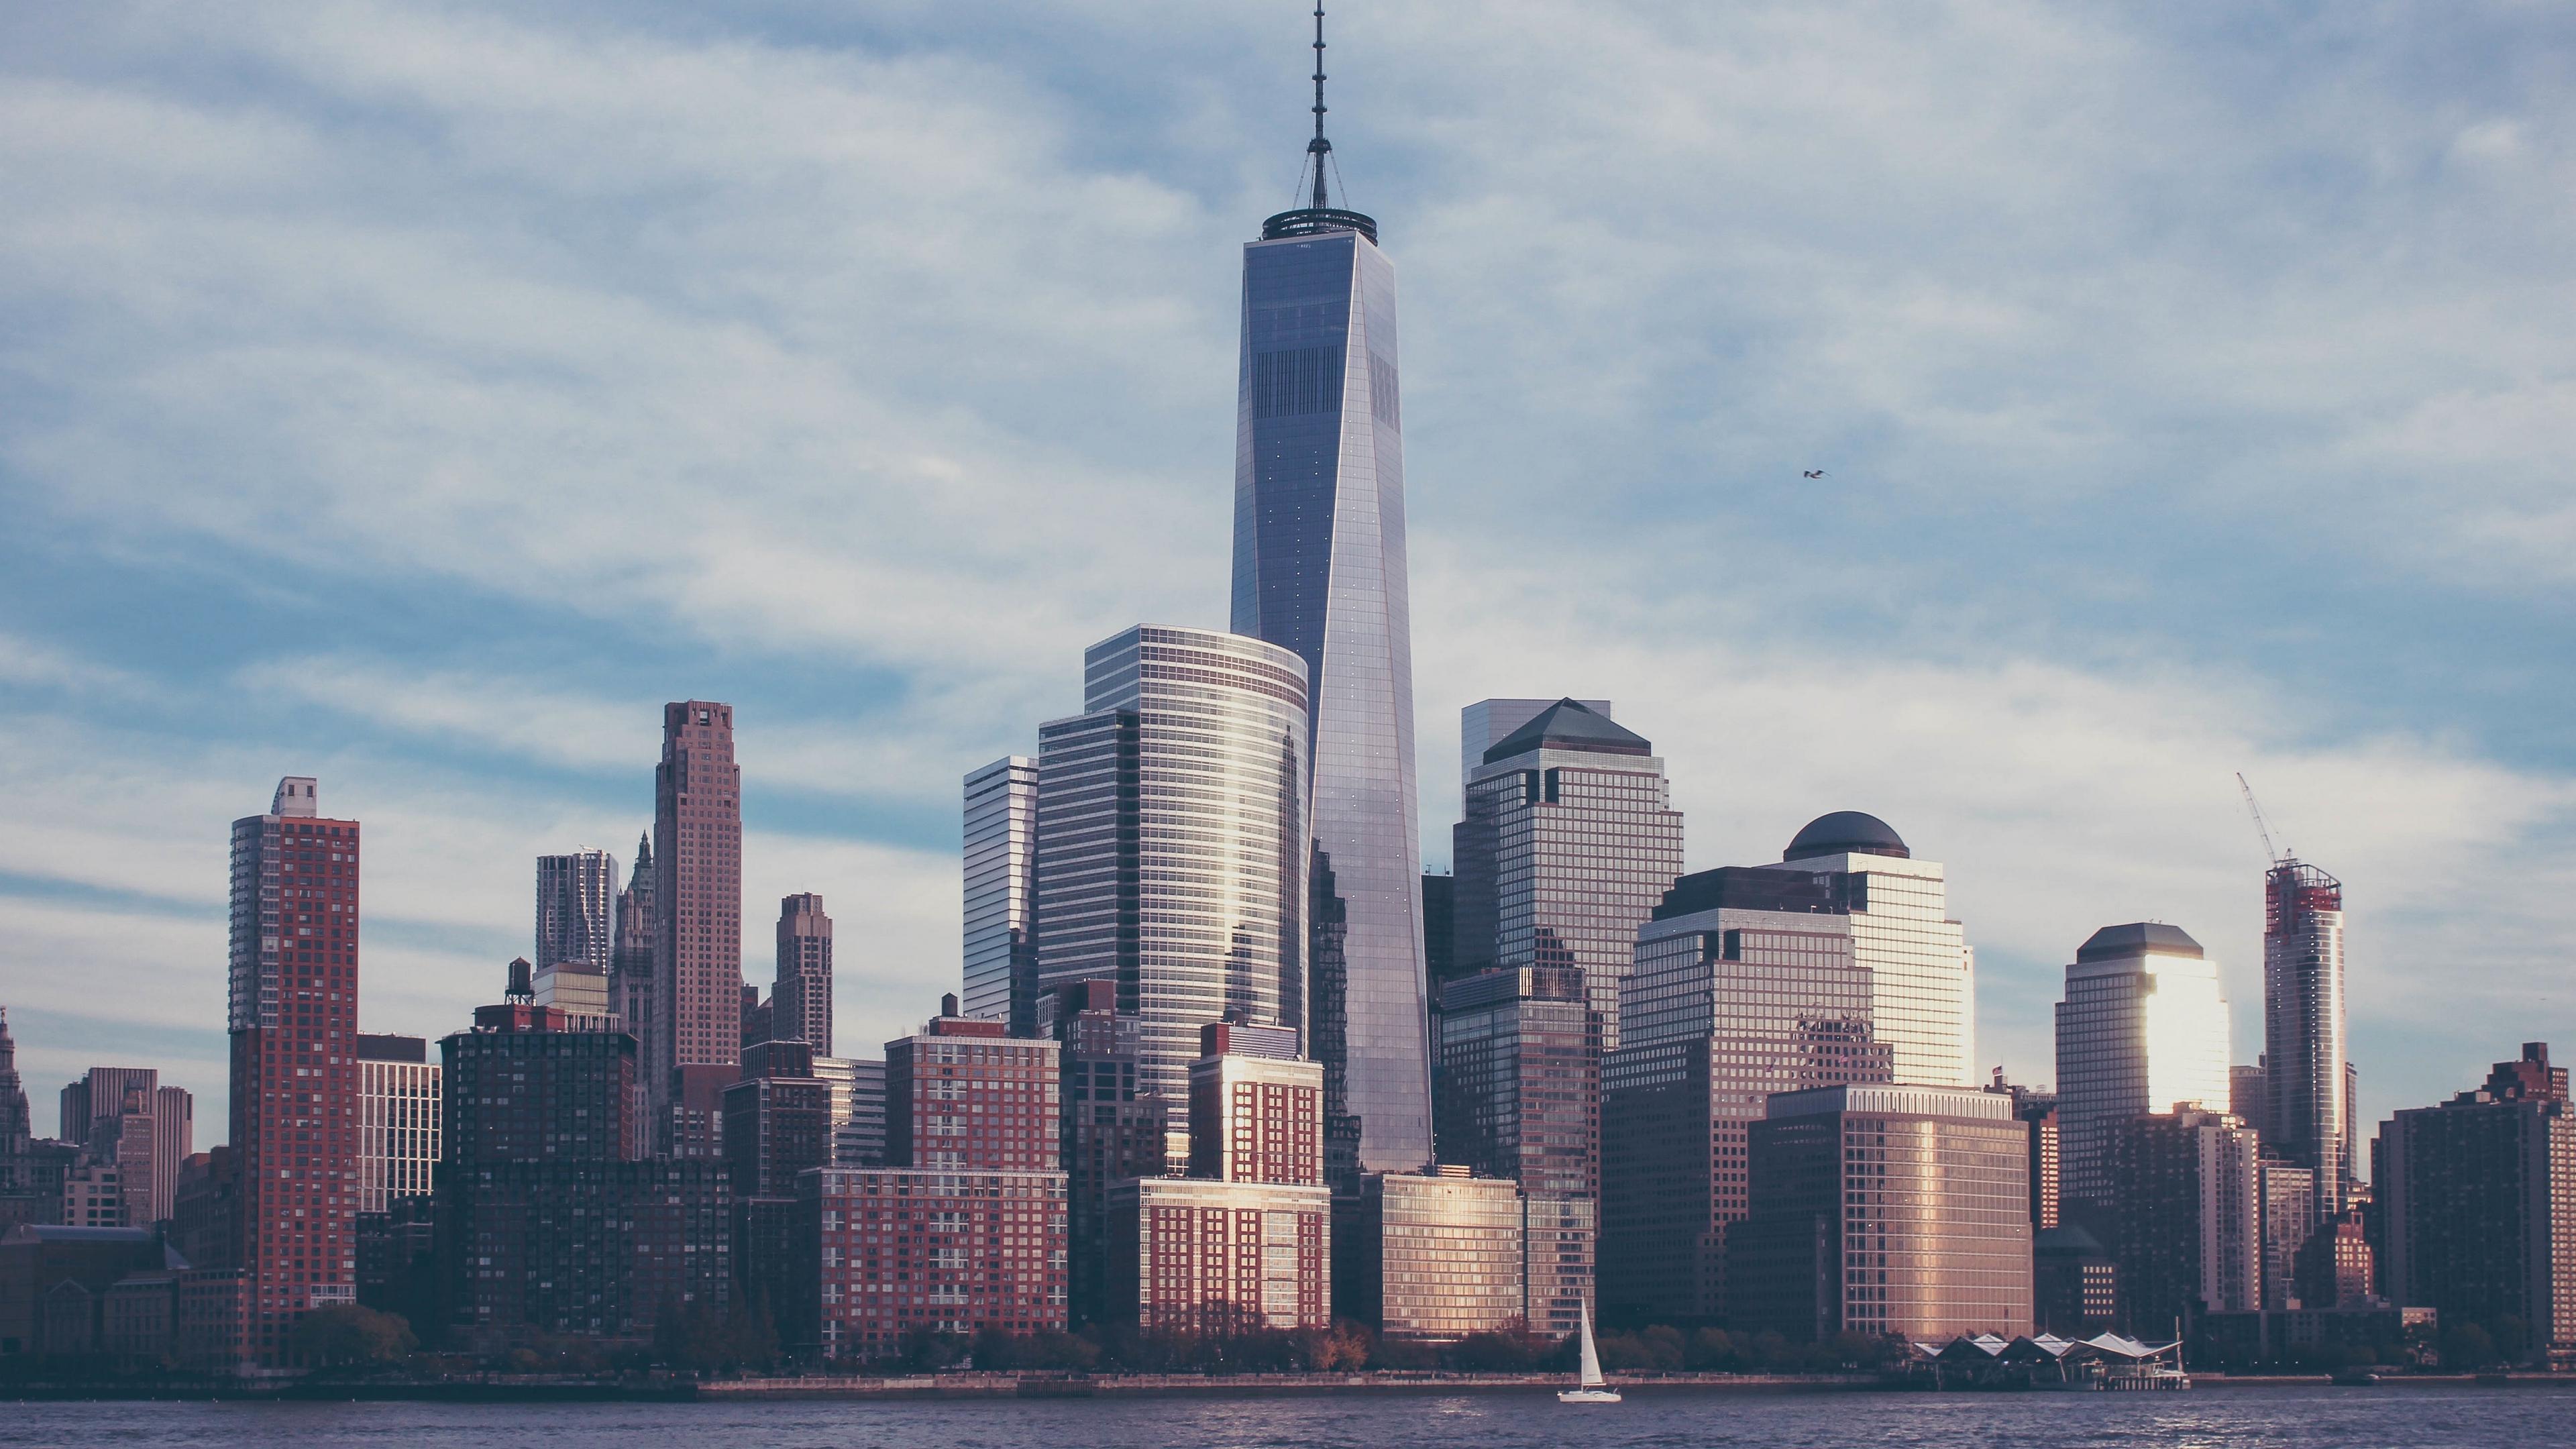 usa new york skyscrapers 4k 1538068146 - usa, new york, skyscrapers 4k - USA, Skyscrapers, new york